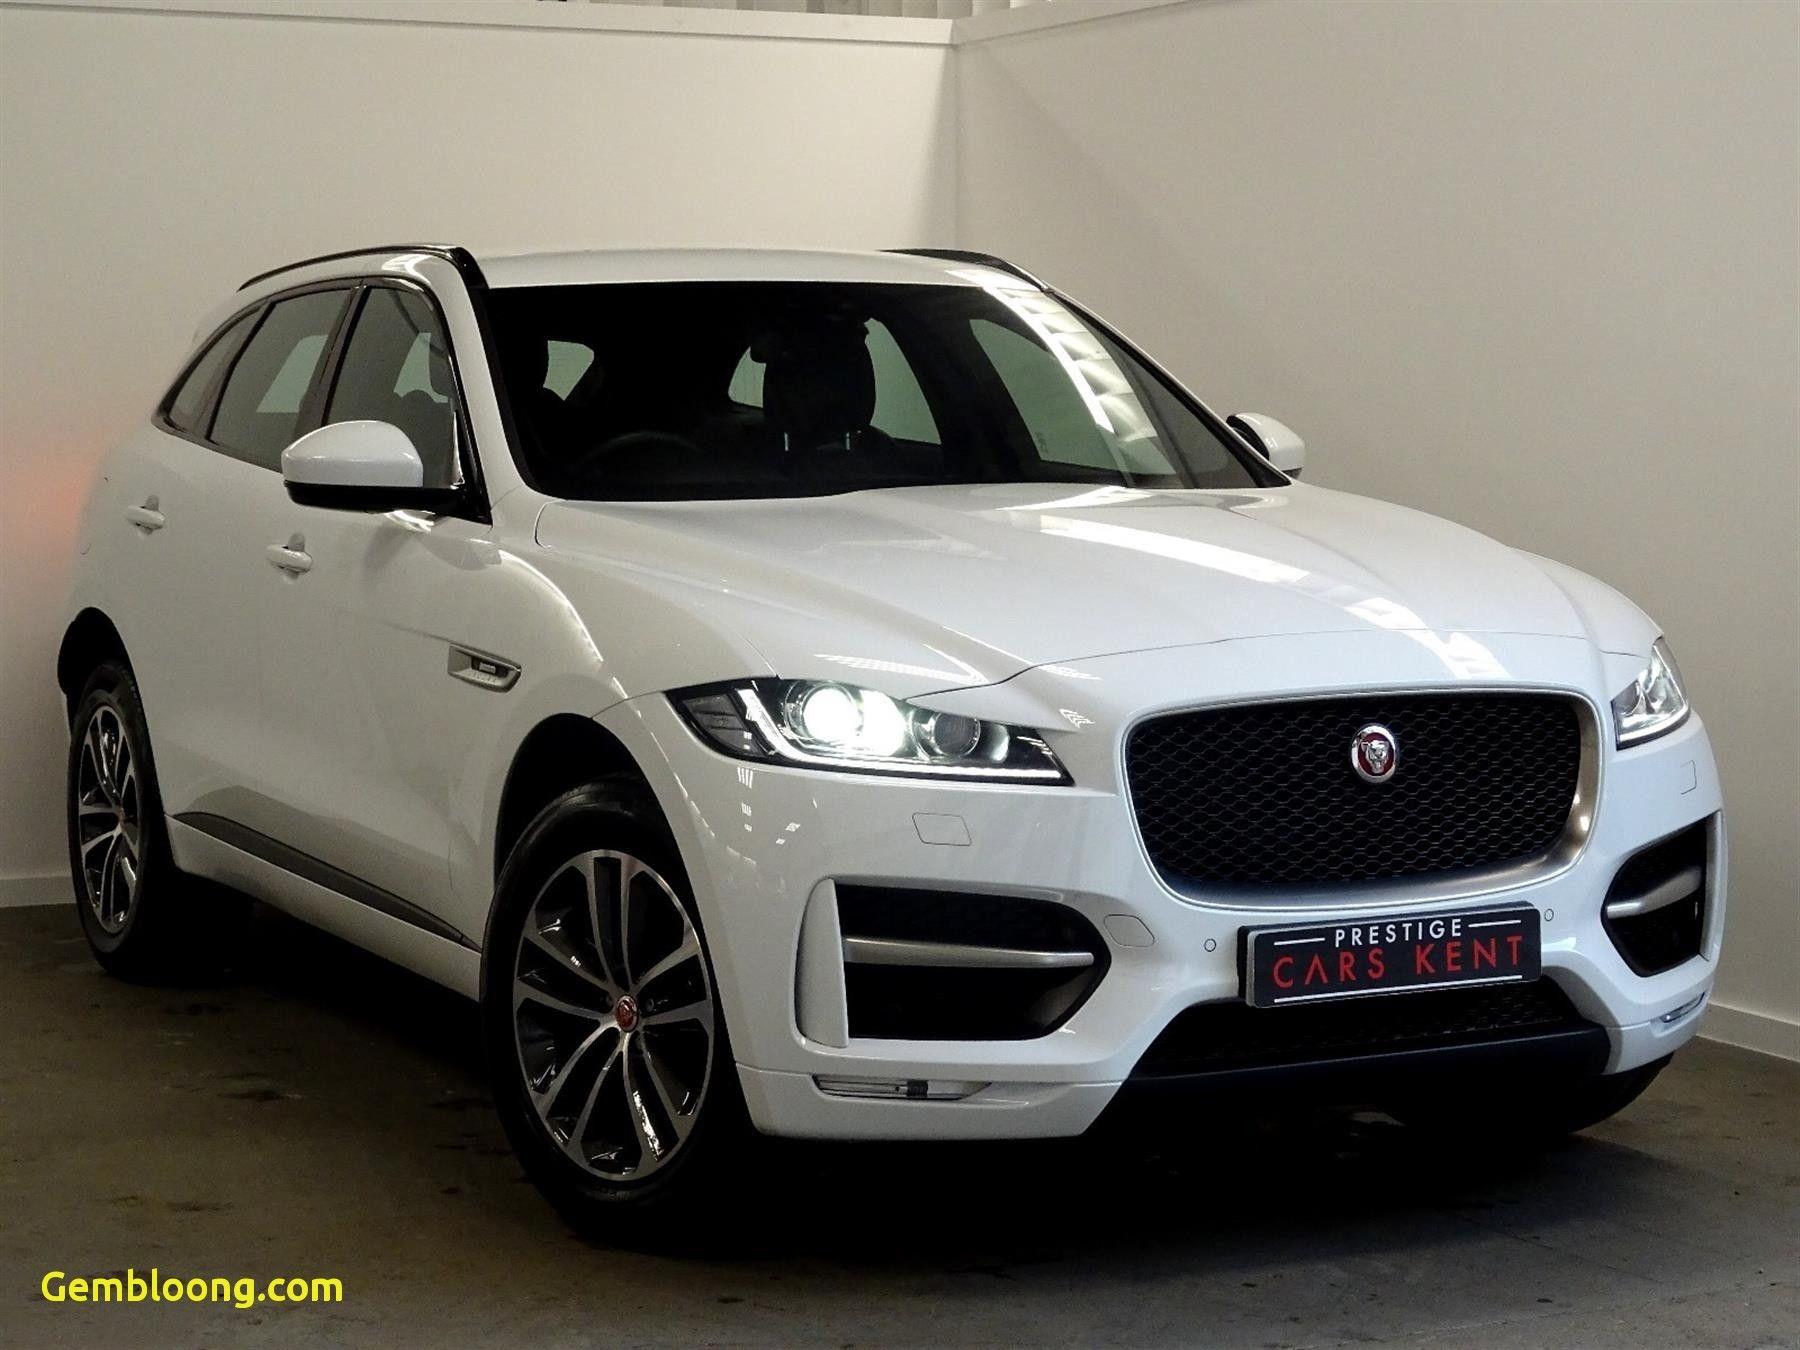 Luxury Best Car Dealerships Near Me Automotive Used Cars Near Me Cars Near Me Cheap Used Cars